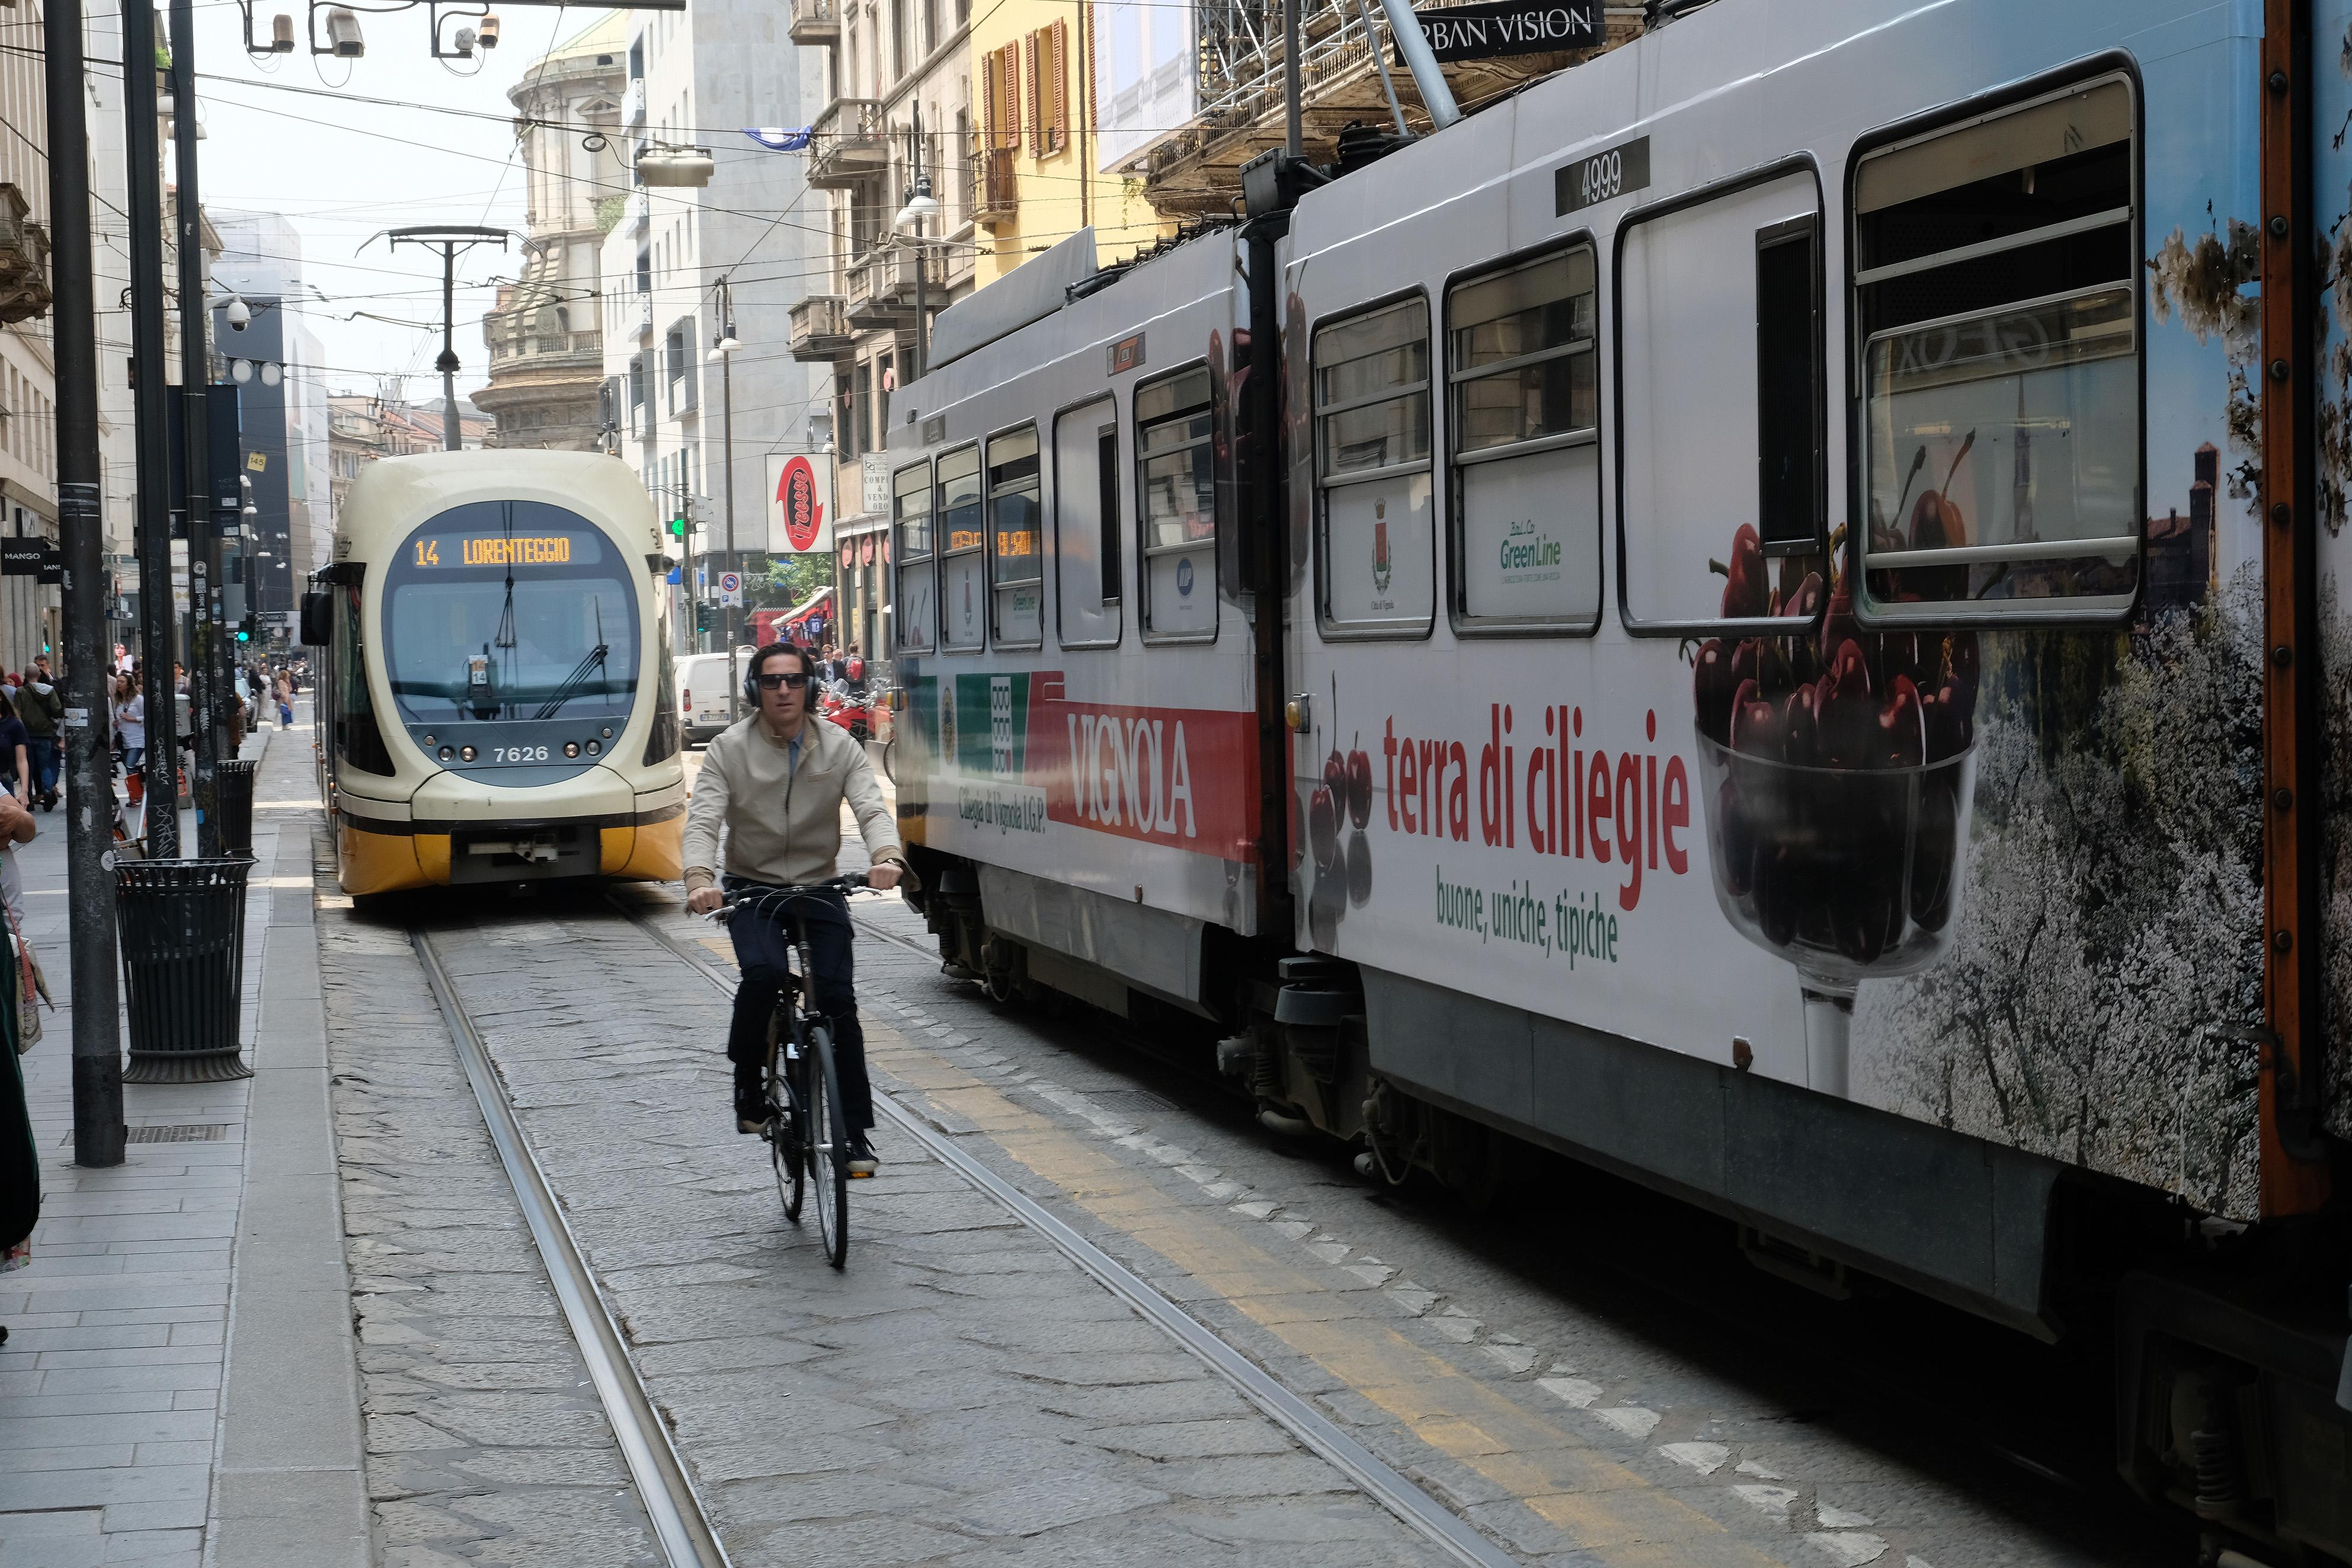 In Milan